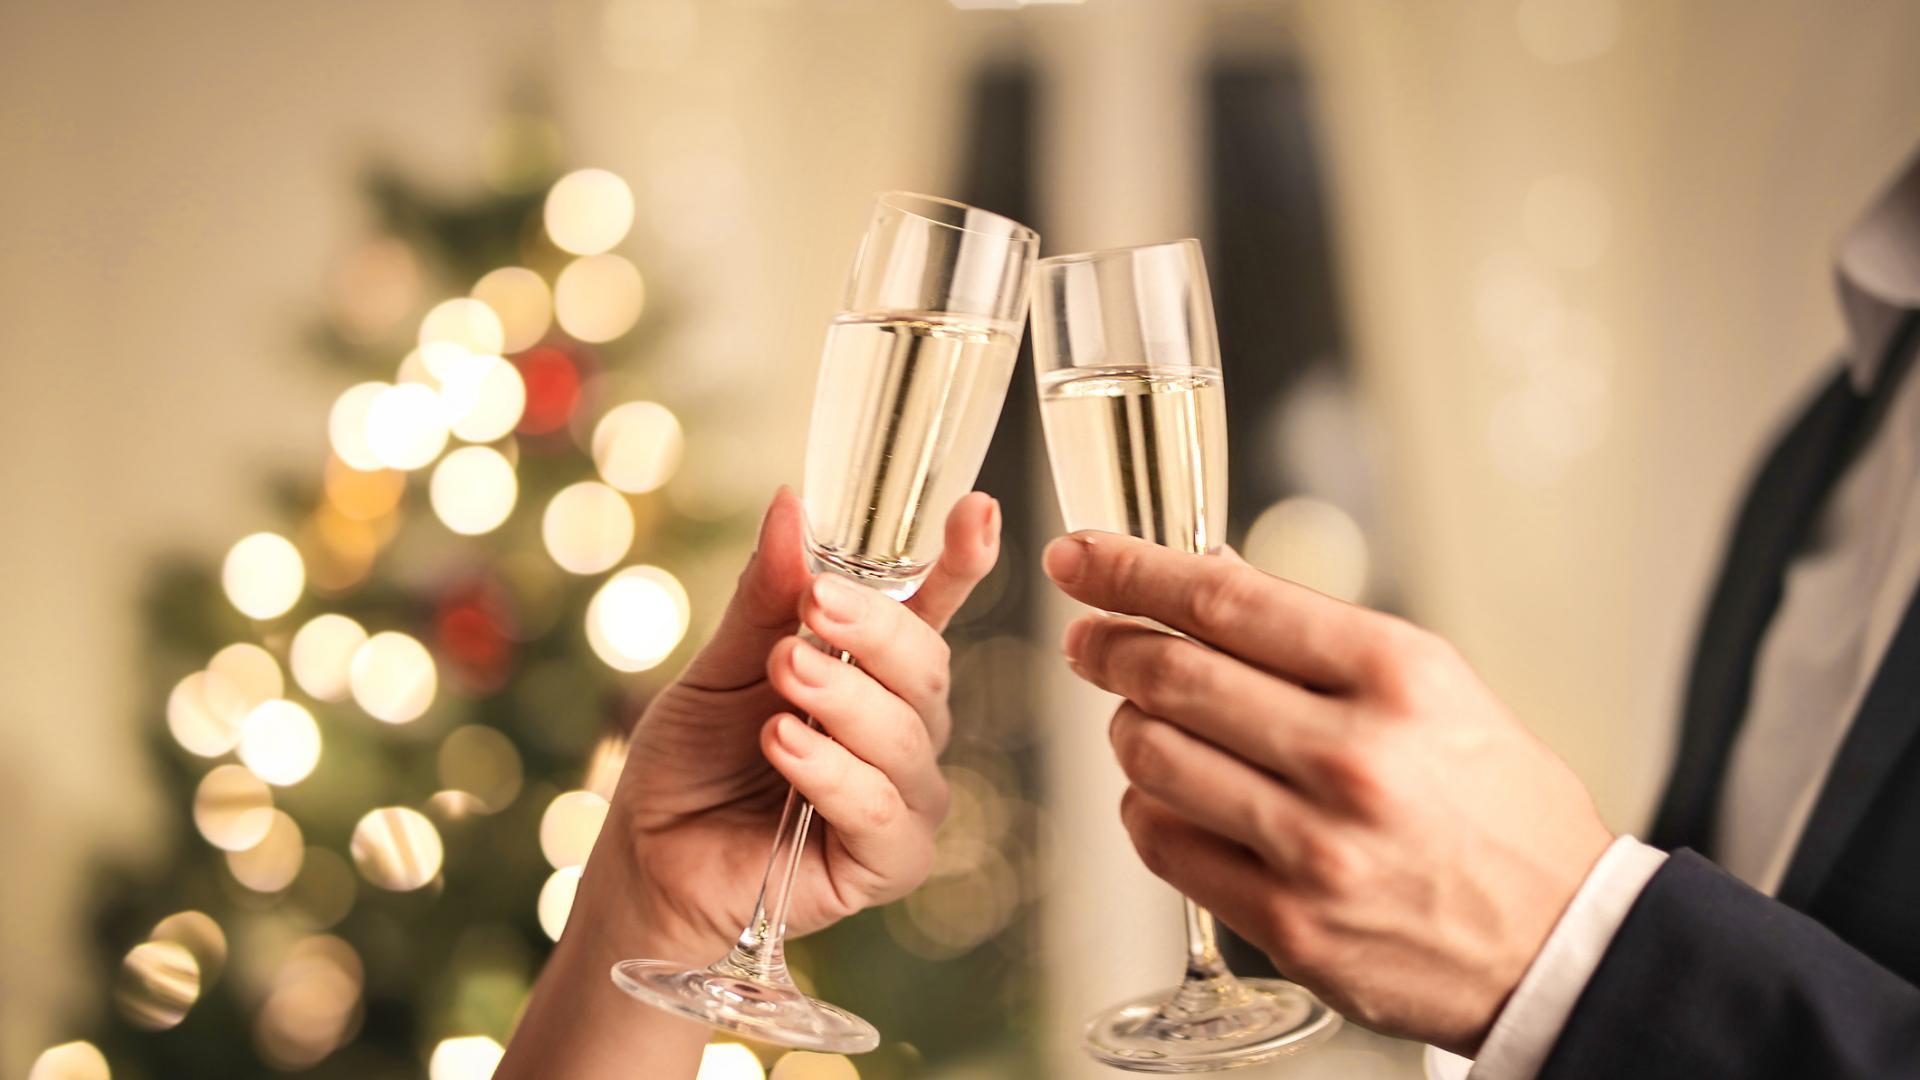 Как се пие шампанско: Няколко тайни на ценители